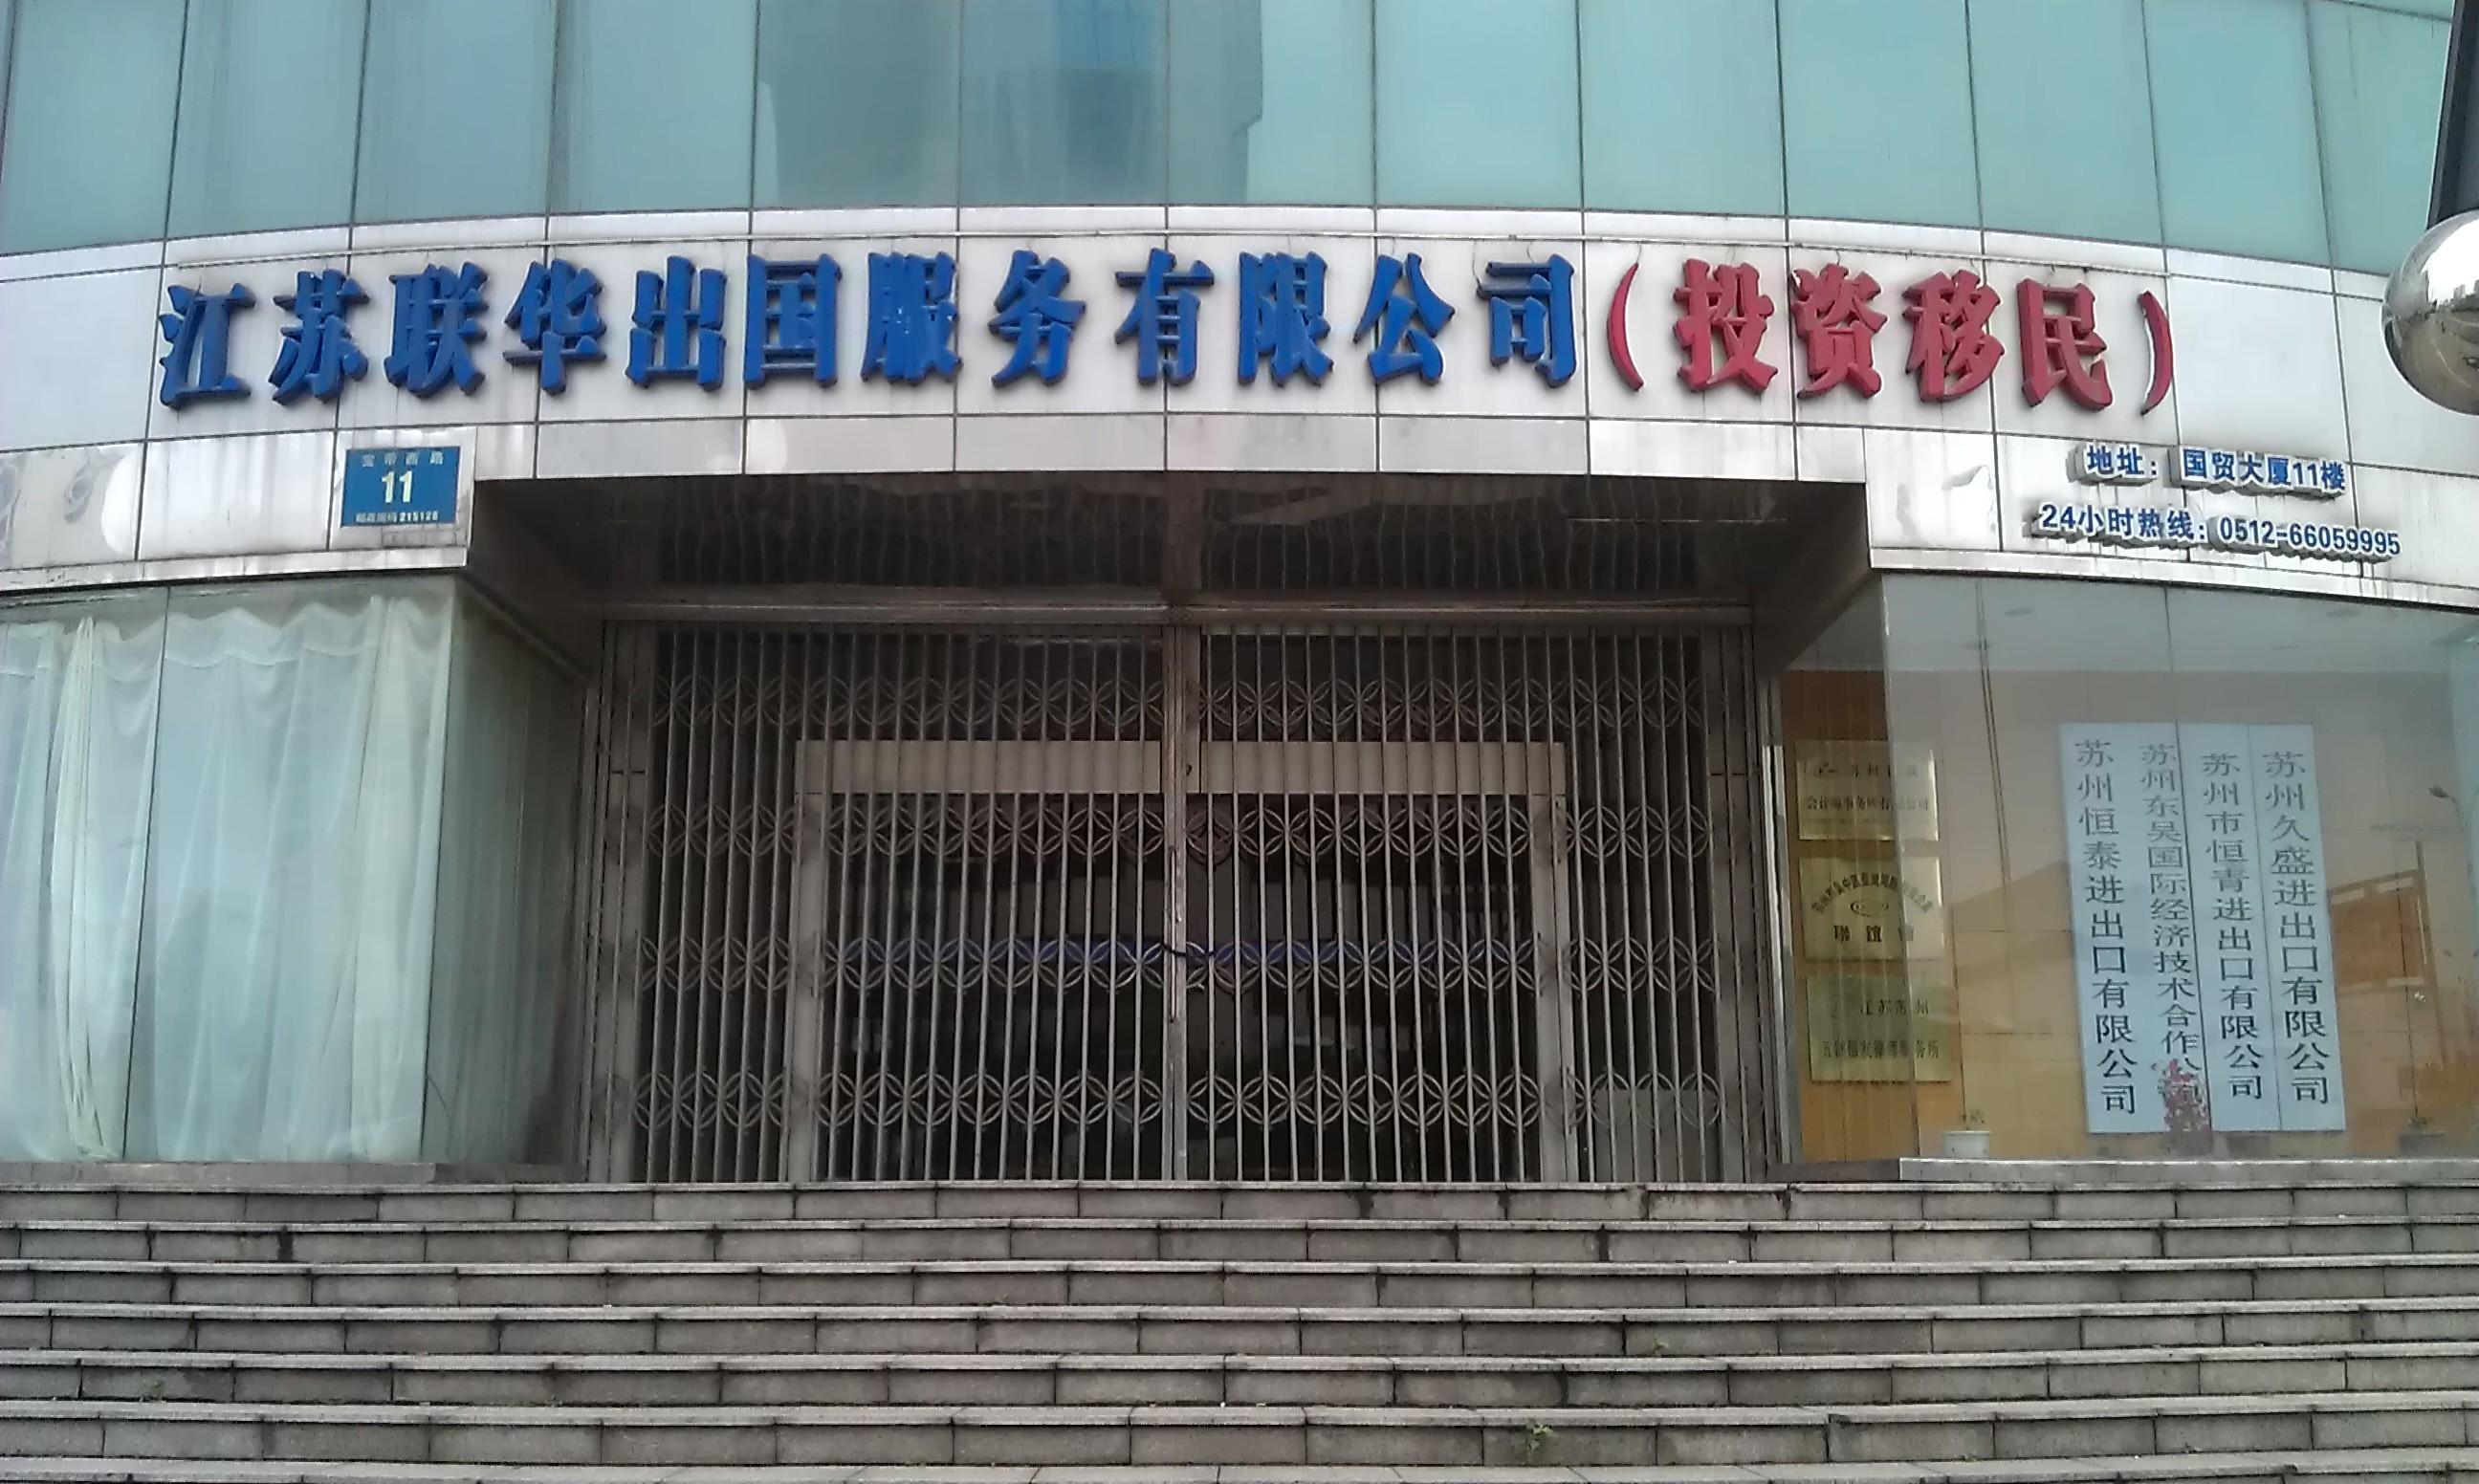 江苏联华出国服务亚博娱乐官方网首页